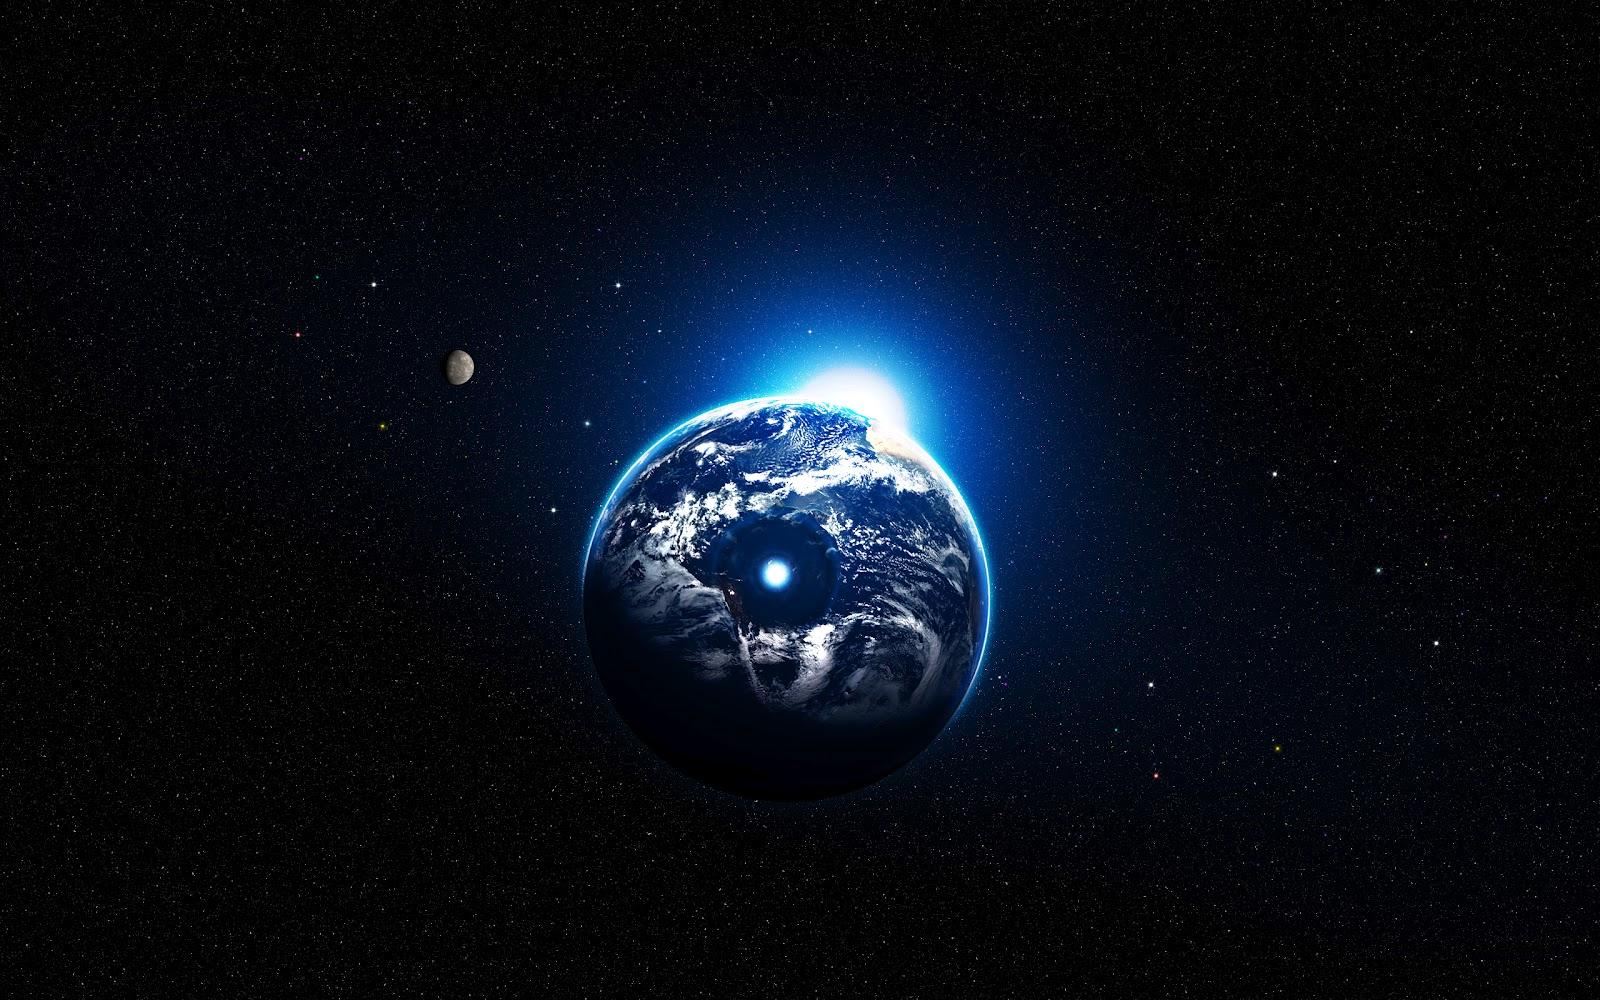 http://4.bp.blogspot.com/-Xpt2-qQSDi0/UBK_rVQbHZI/AAAAAAAAFzU/tKgGOiV9SrY/s1600/Space-HD-Wallpaper.jpg